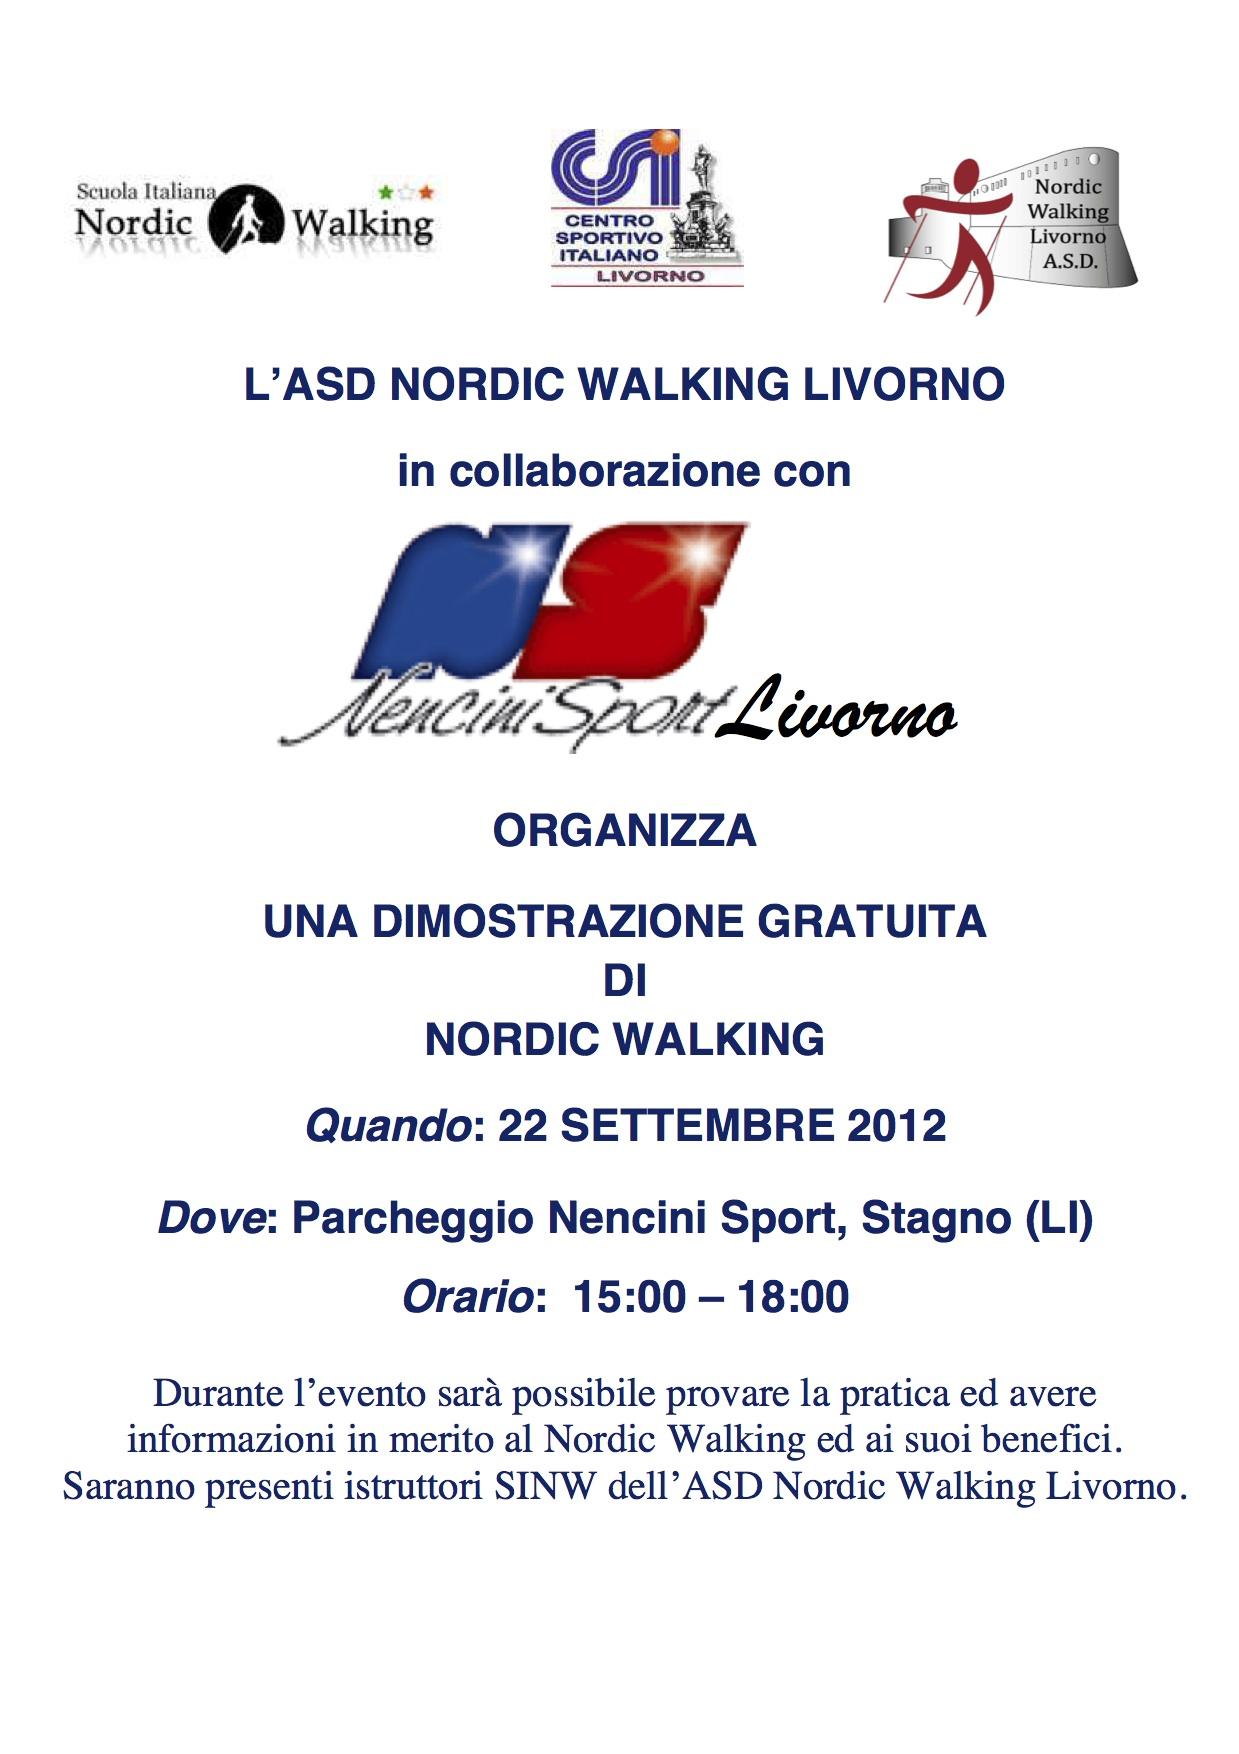 22 Settembre 2012 Lezione Dimostrativa Scuola Nordic Walking Livorno Asd